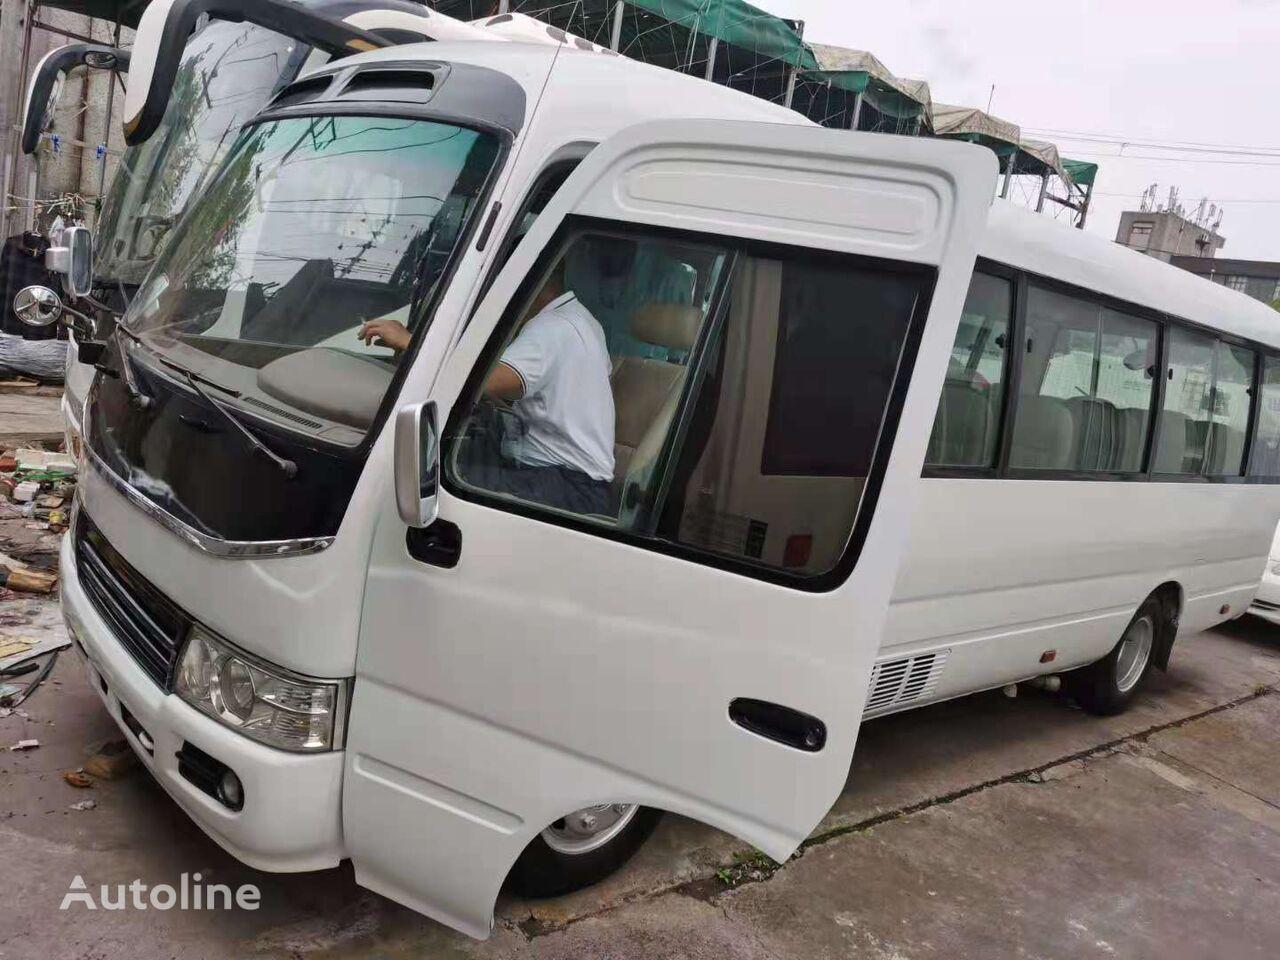 междугородний-пригородный автобус TOYOTA 2018 coaster bus 30 seats 1HZ less running 28000 km in good cond